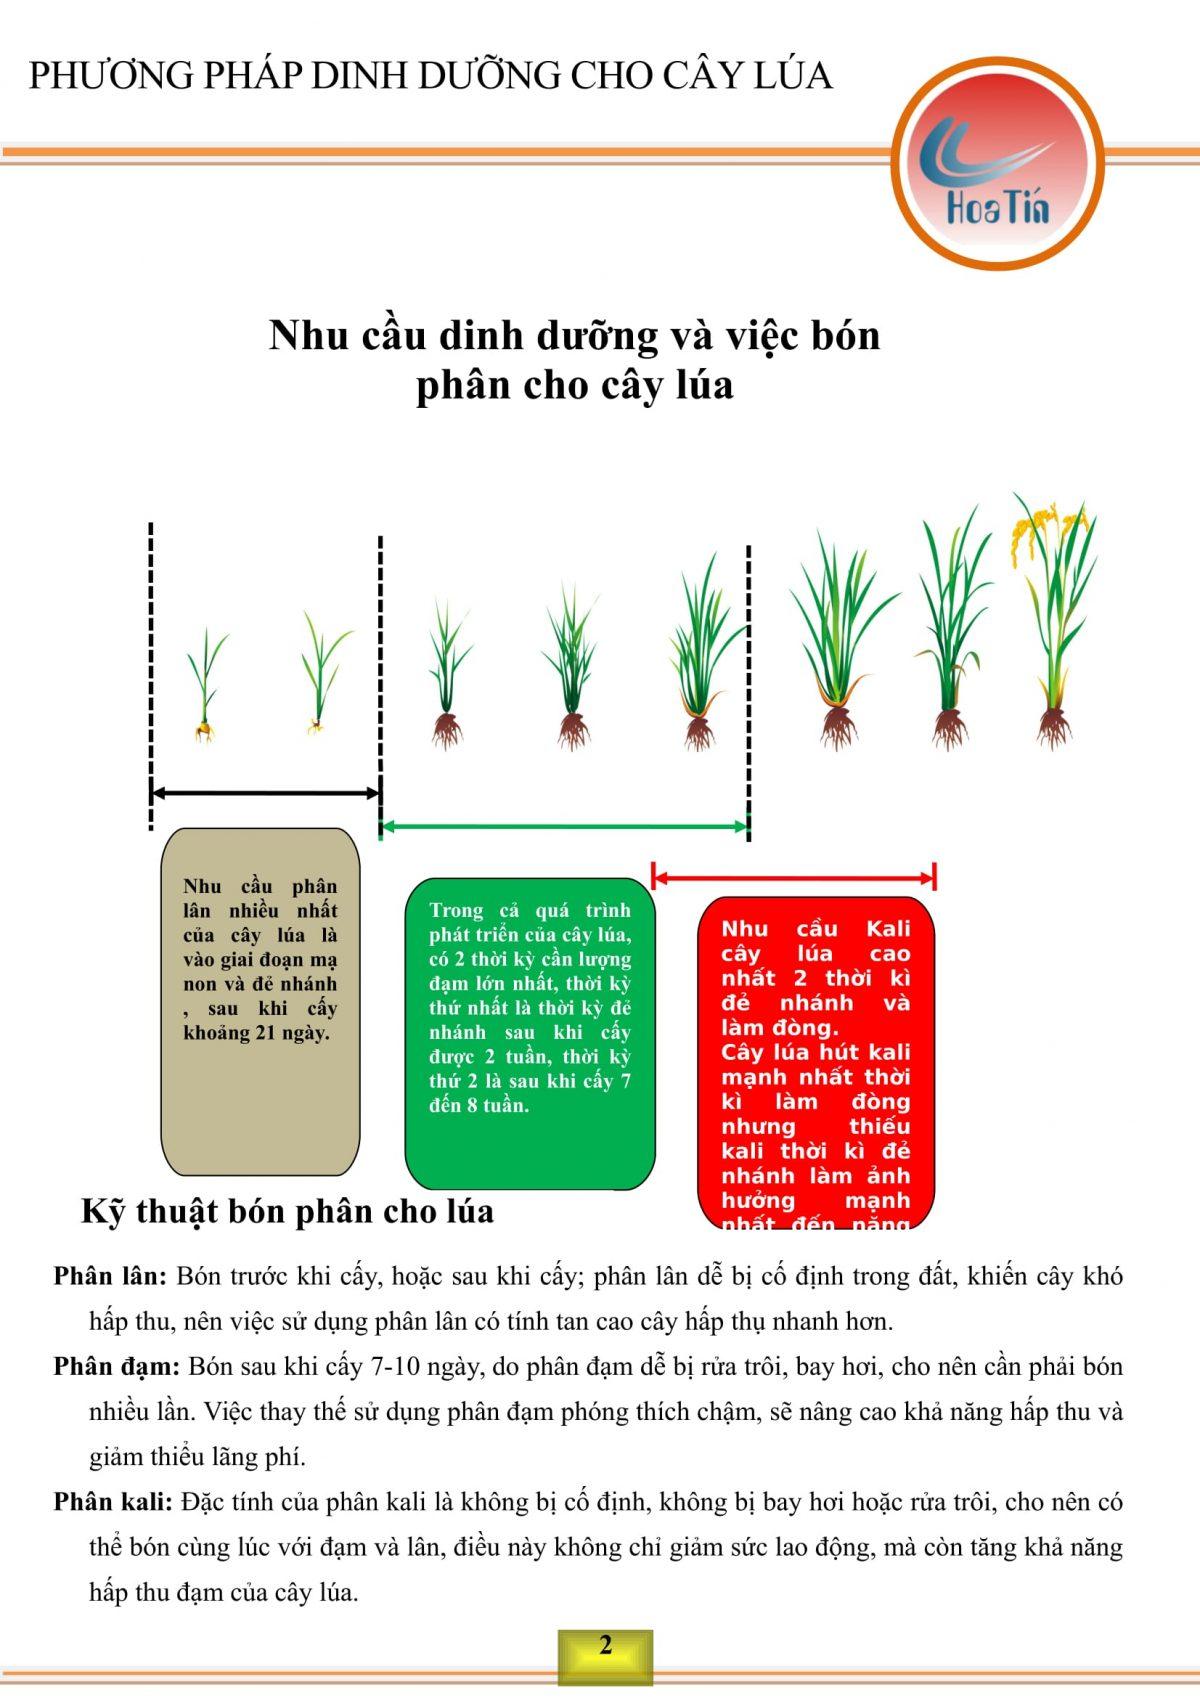 Xác định nhu cầu dinh dưỡng cho cây lúa